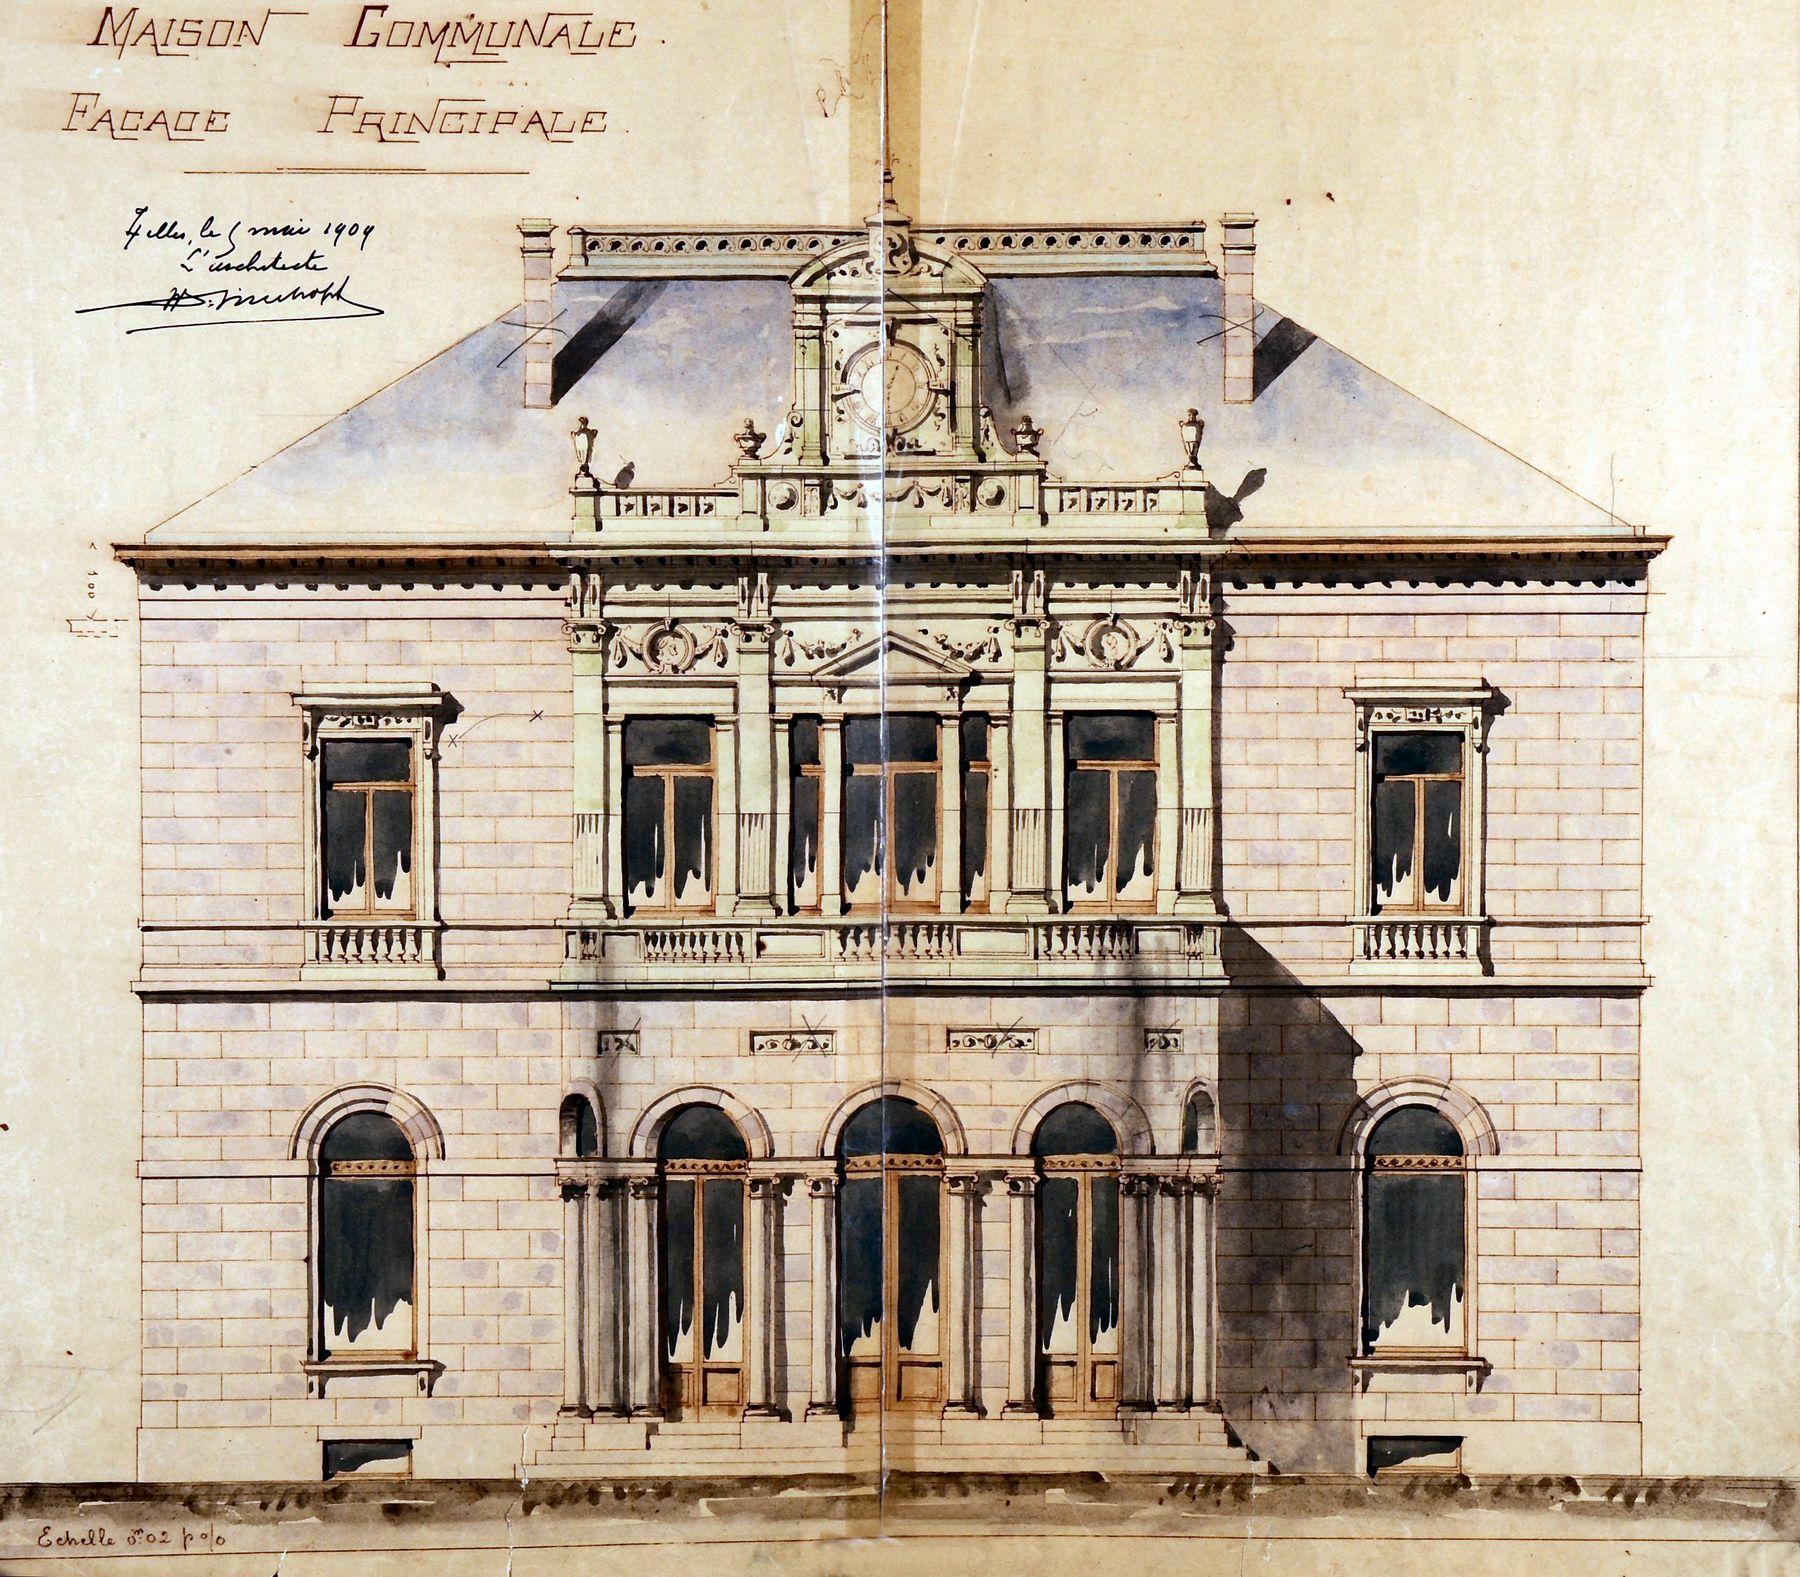 Inventaire du patrimoine architectural bruxelles ixelles for Auderghem maison communale